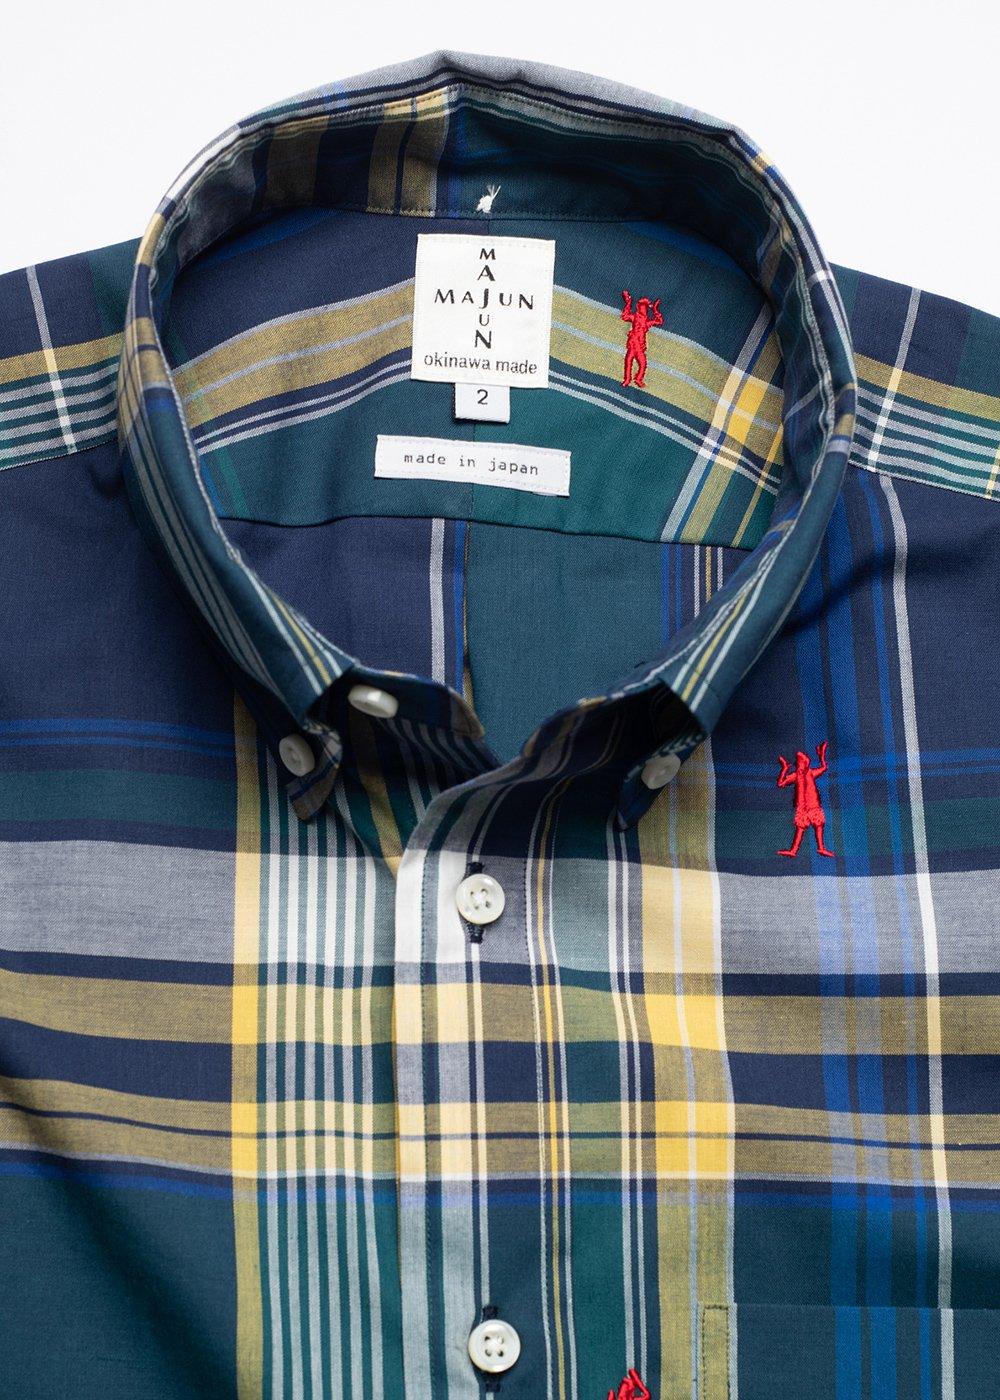 かりゆしウェア(沖縄版アロハシャツ) MAJUN - マドラスチェックカチャーシー L/S